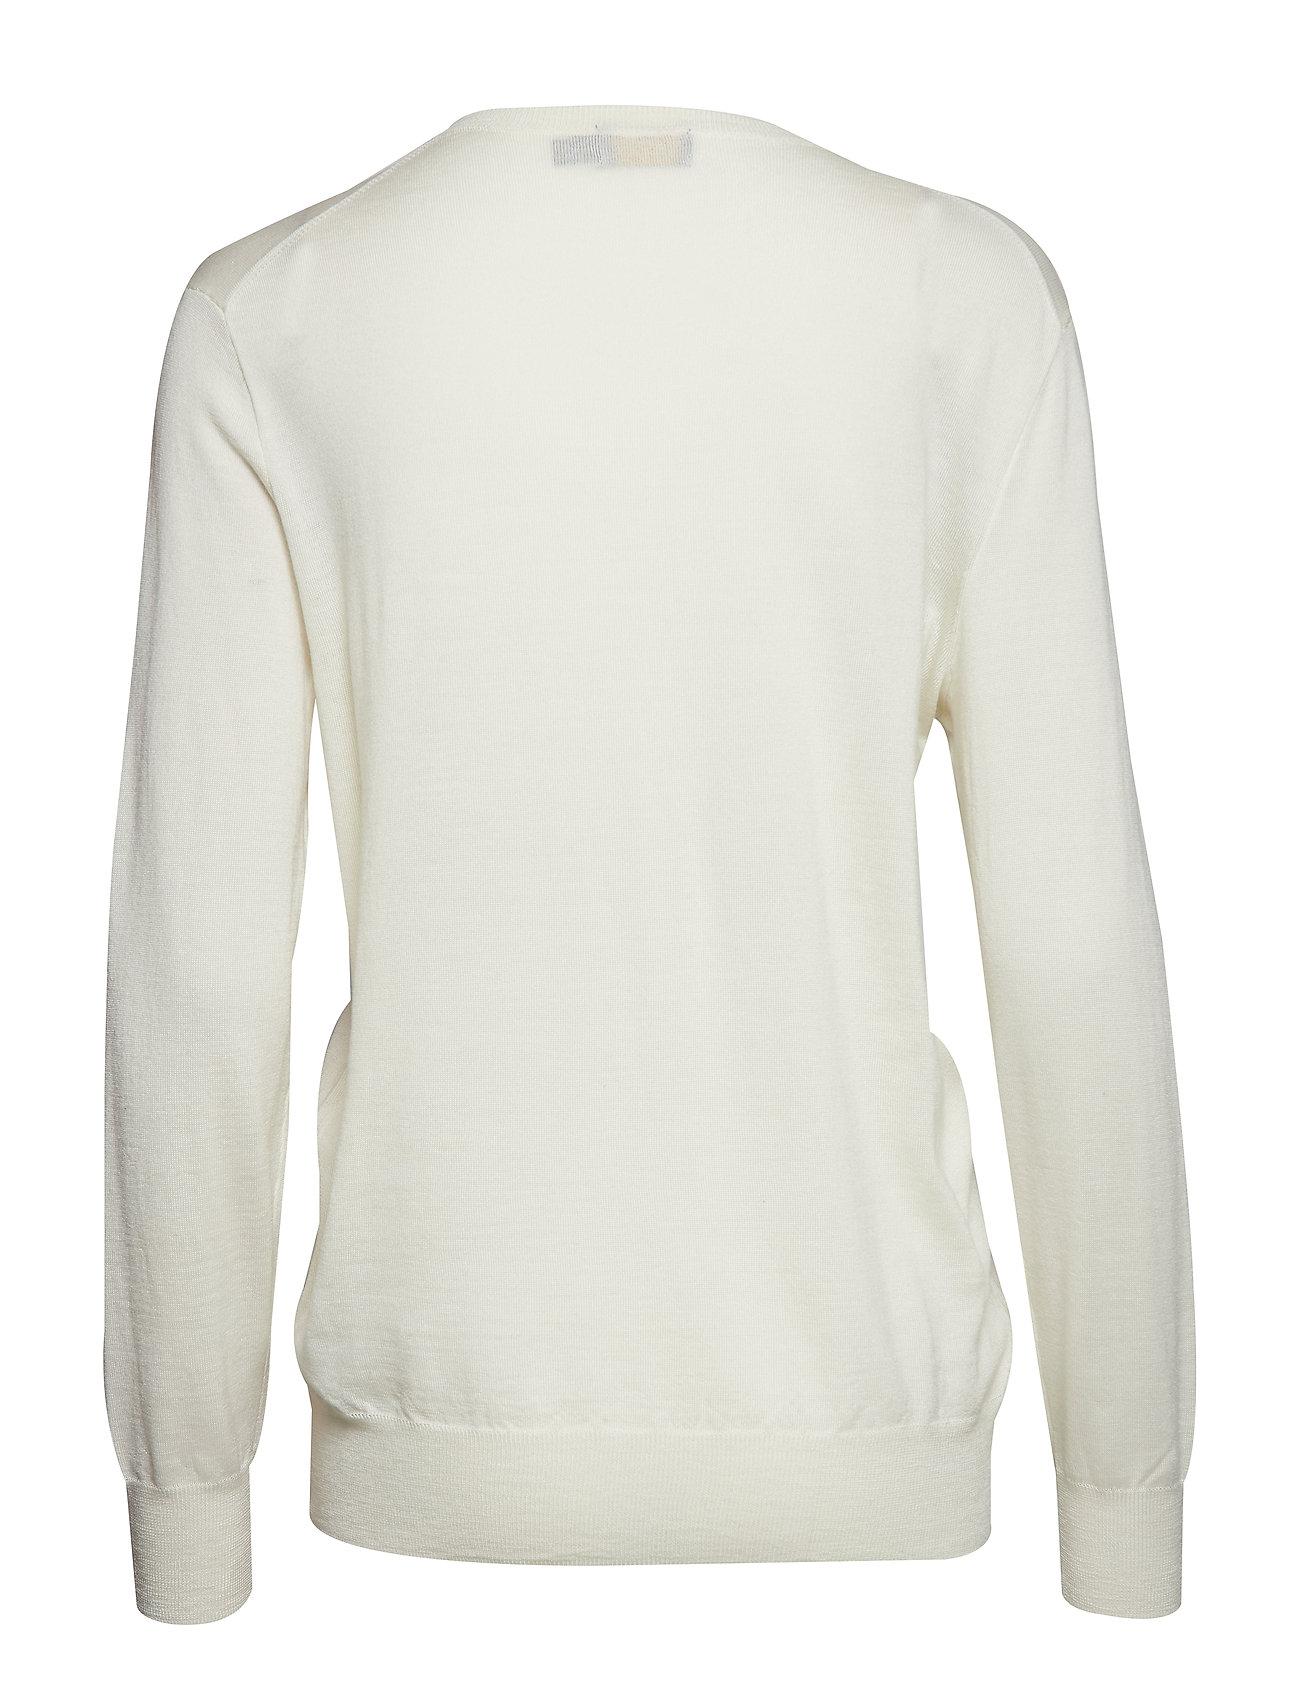 neck Silk V Ralph blend SweatercreamPolo Lauren zVqSUMp